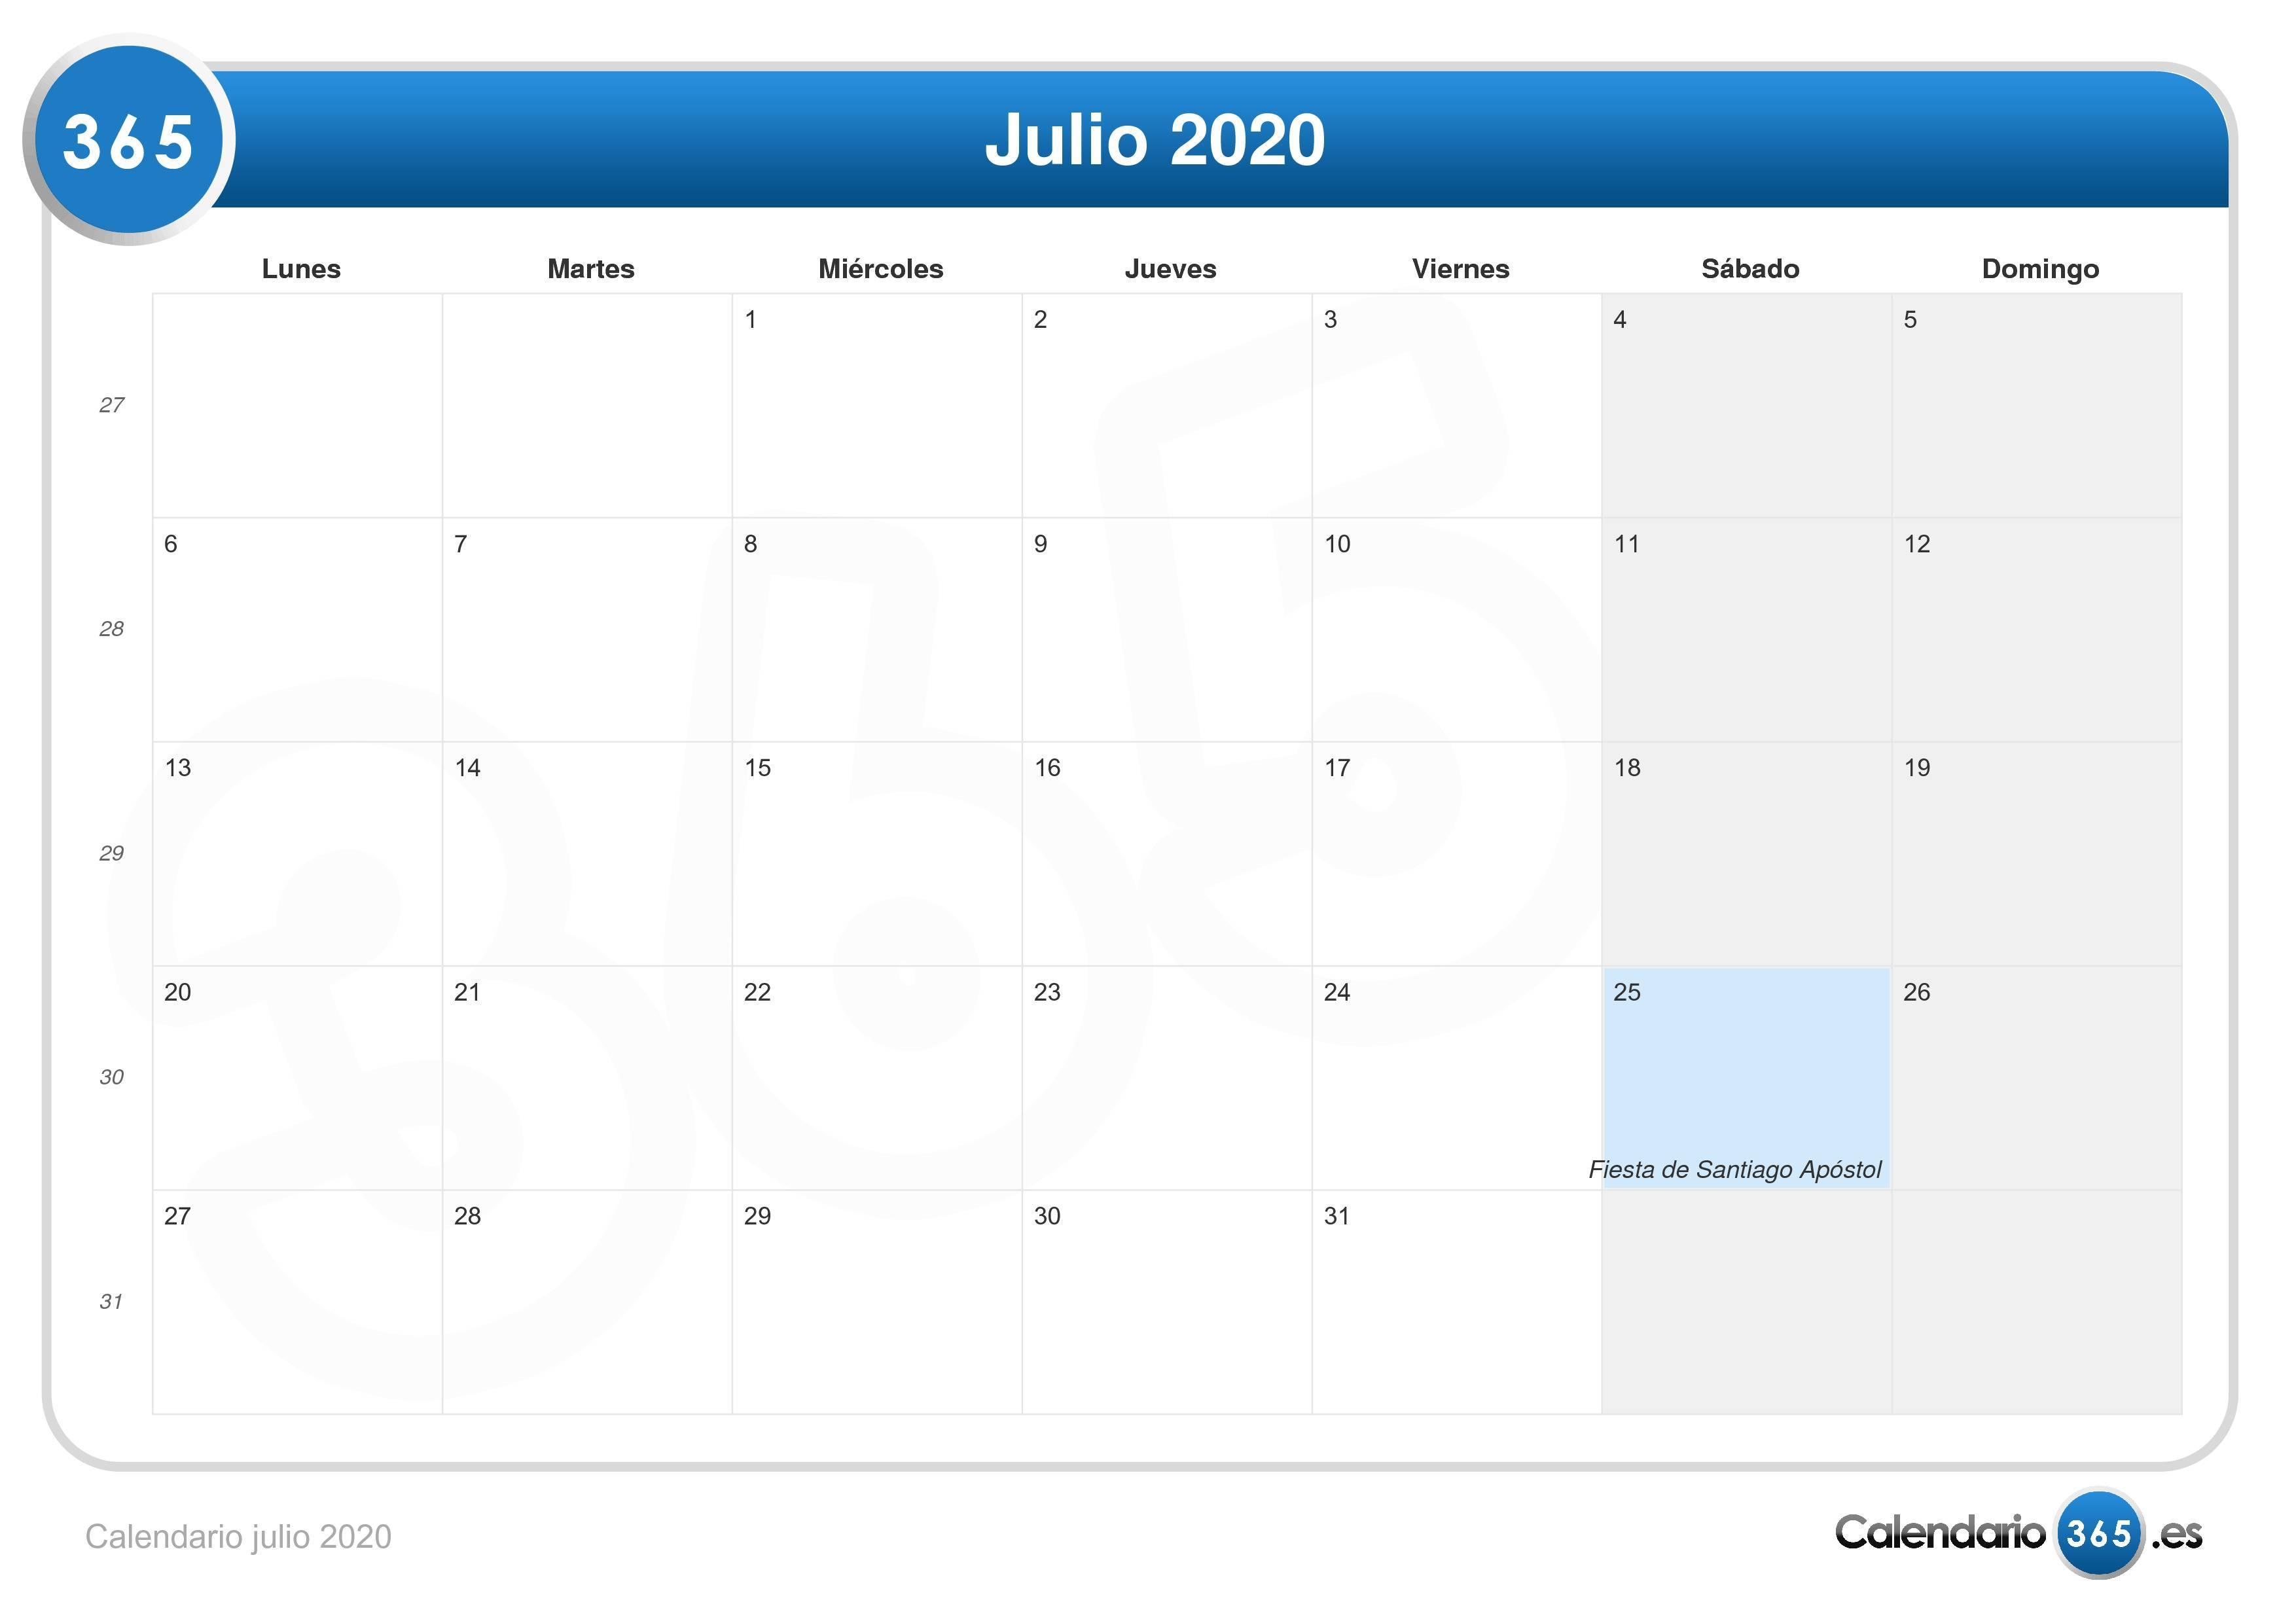 Calendario Julio 2020 Para Imprimir.Calendario Julio 2020